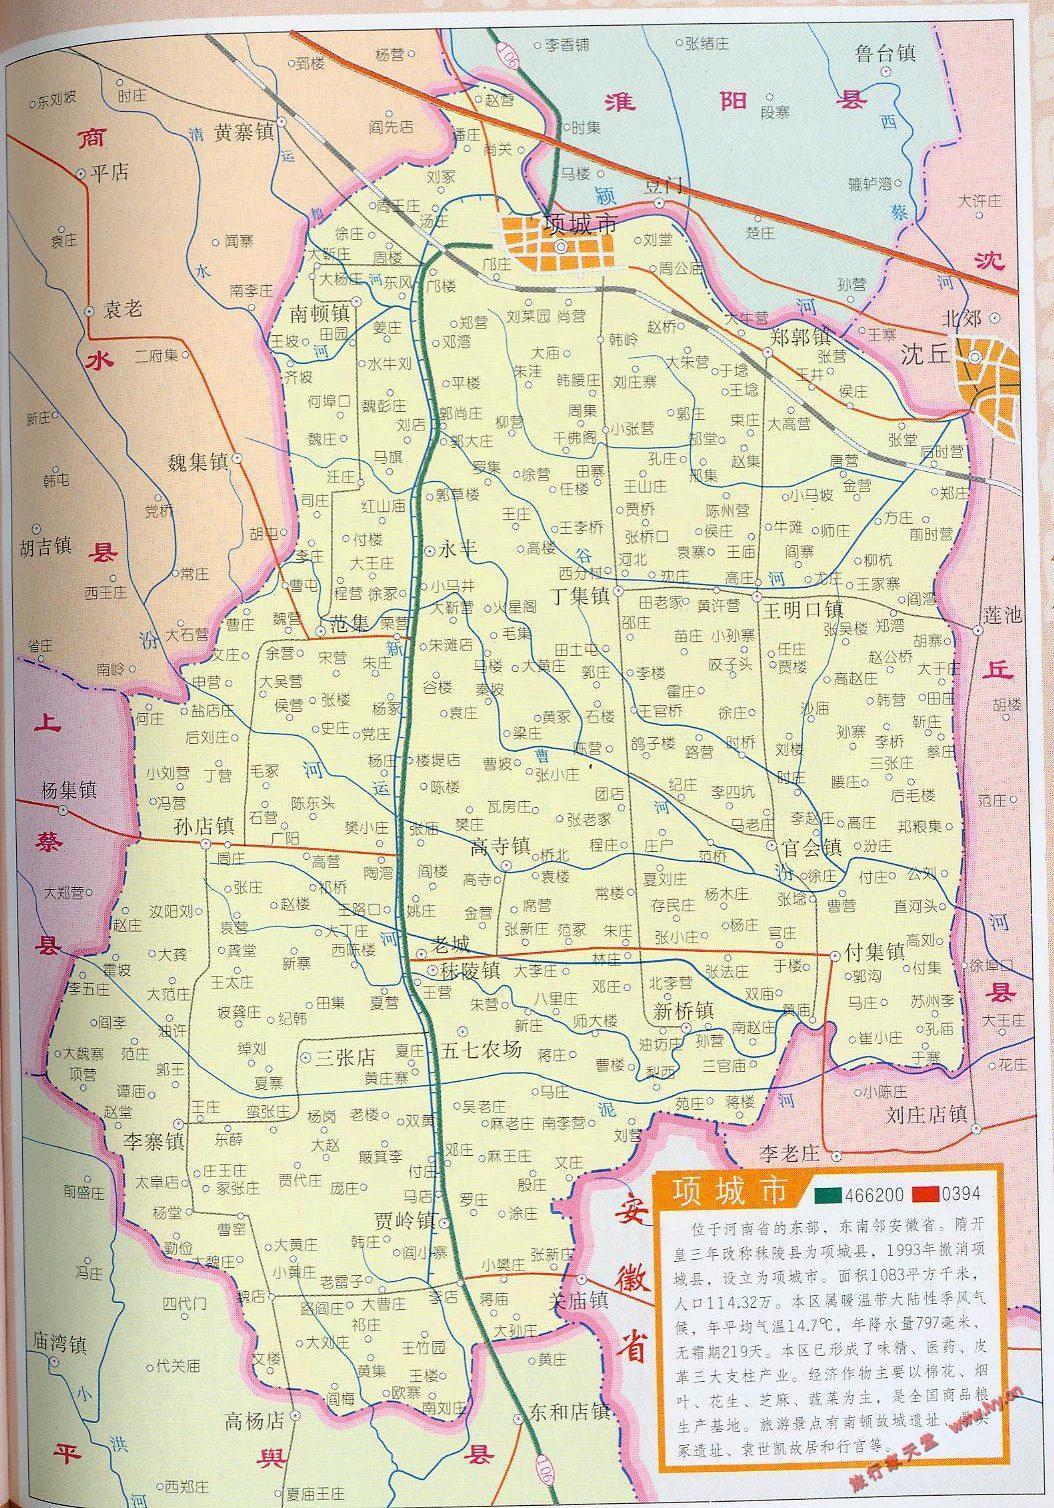 项城市行政地图